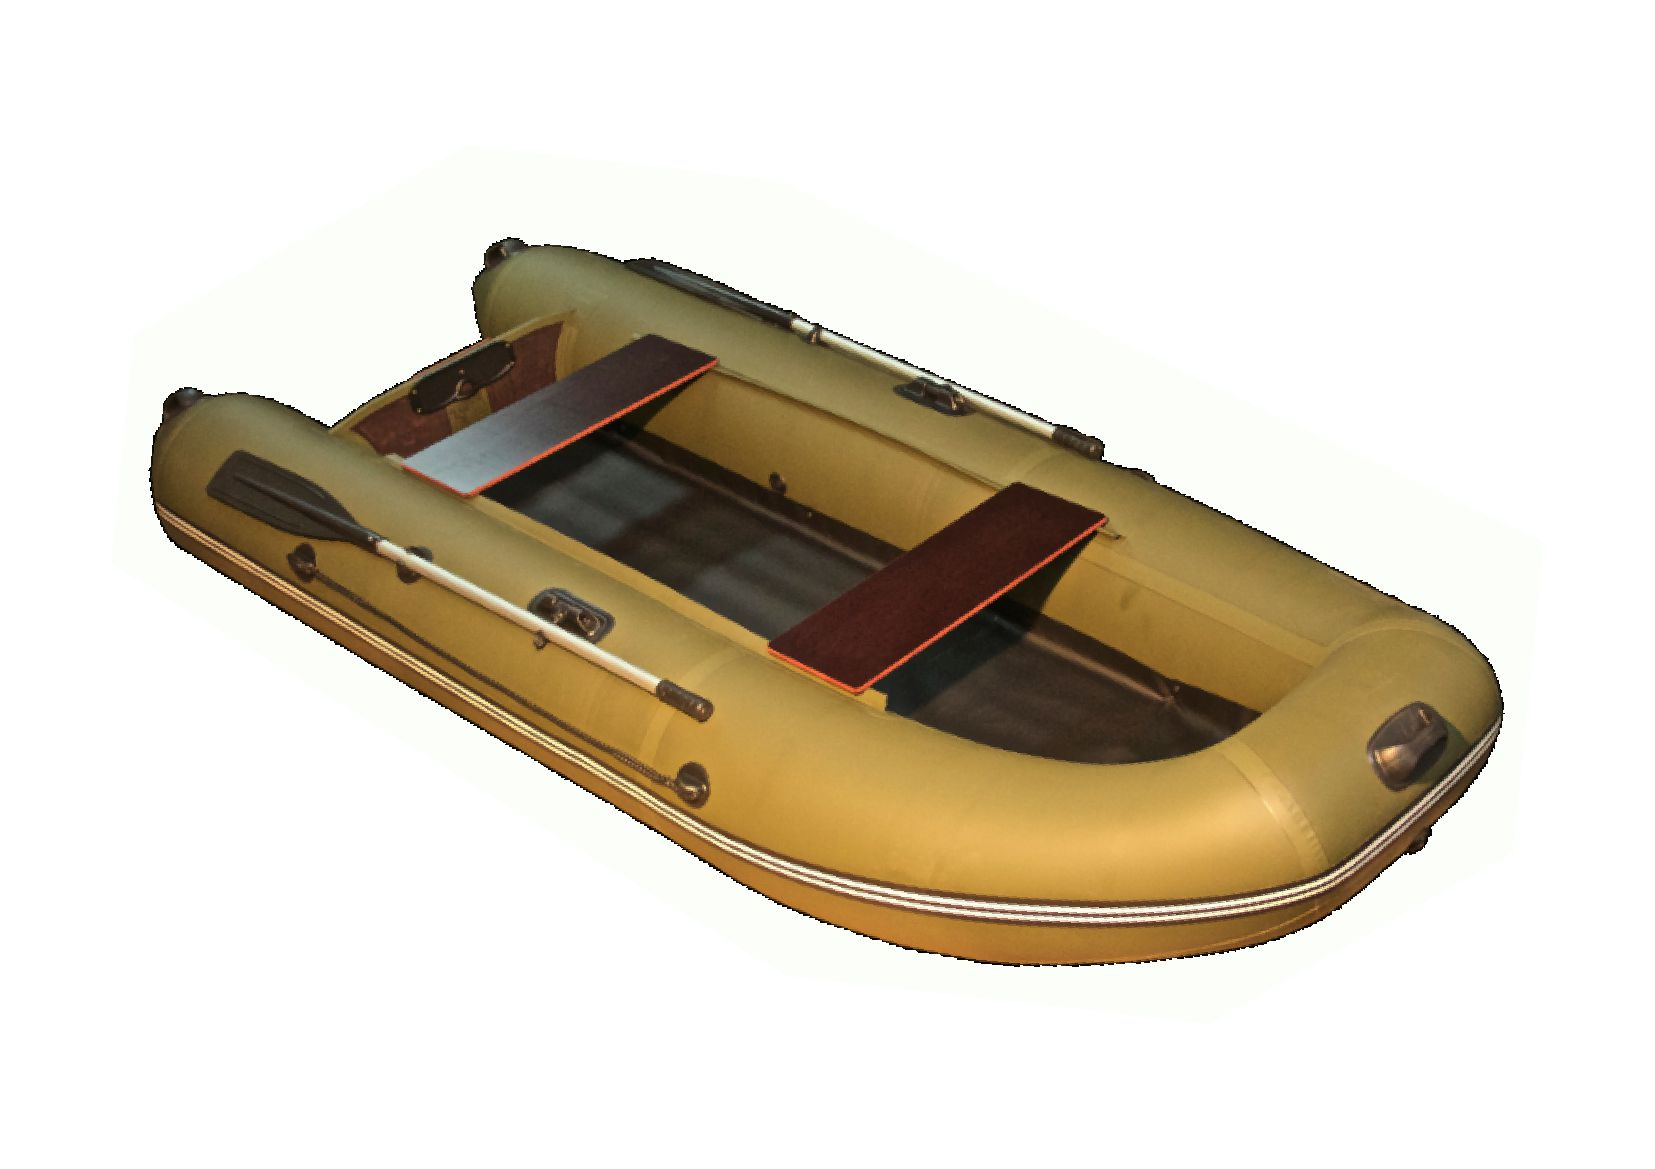 из неподвижной лодки массой 225